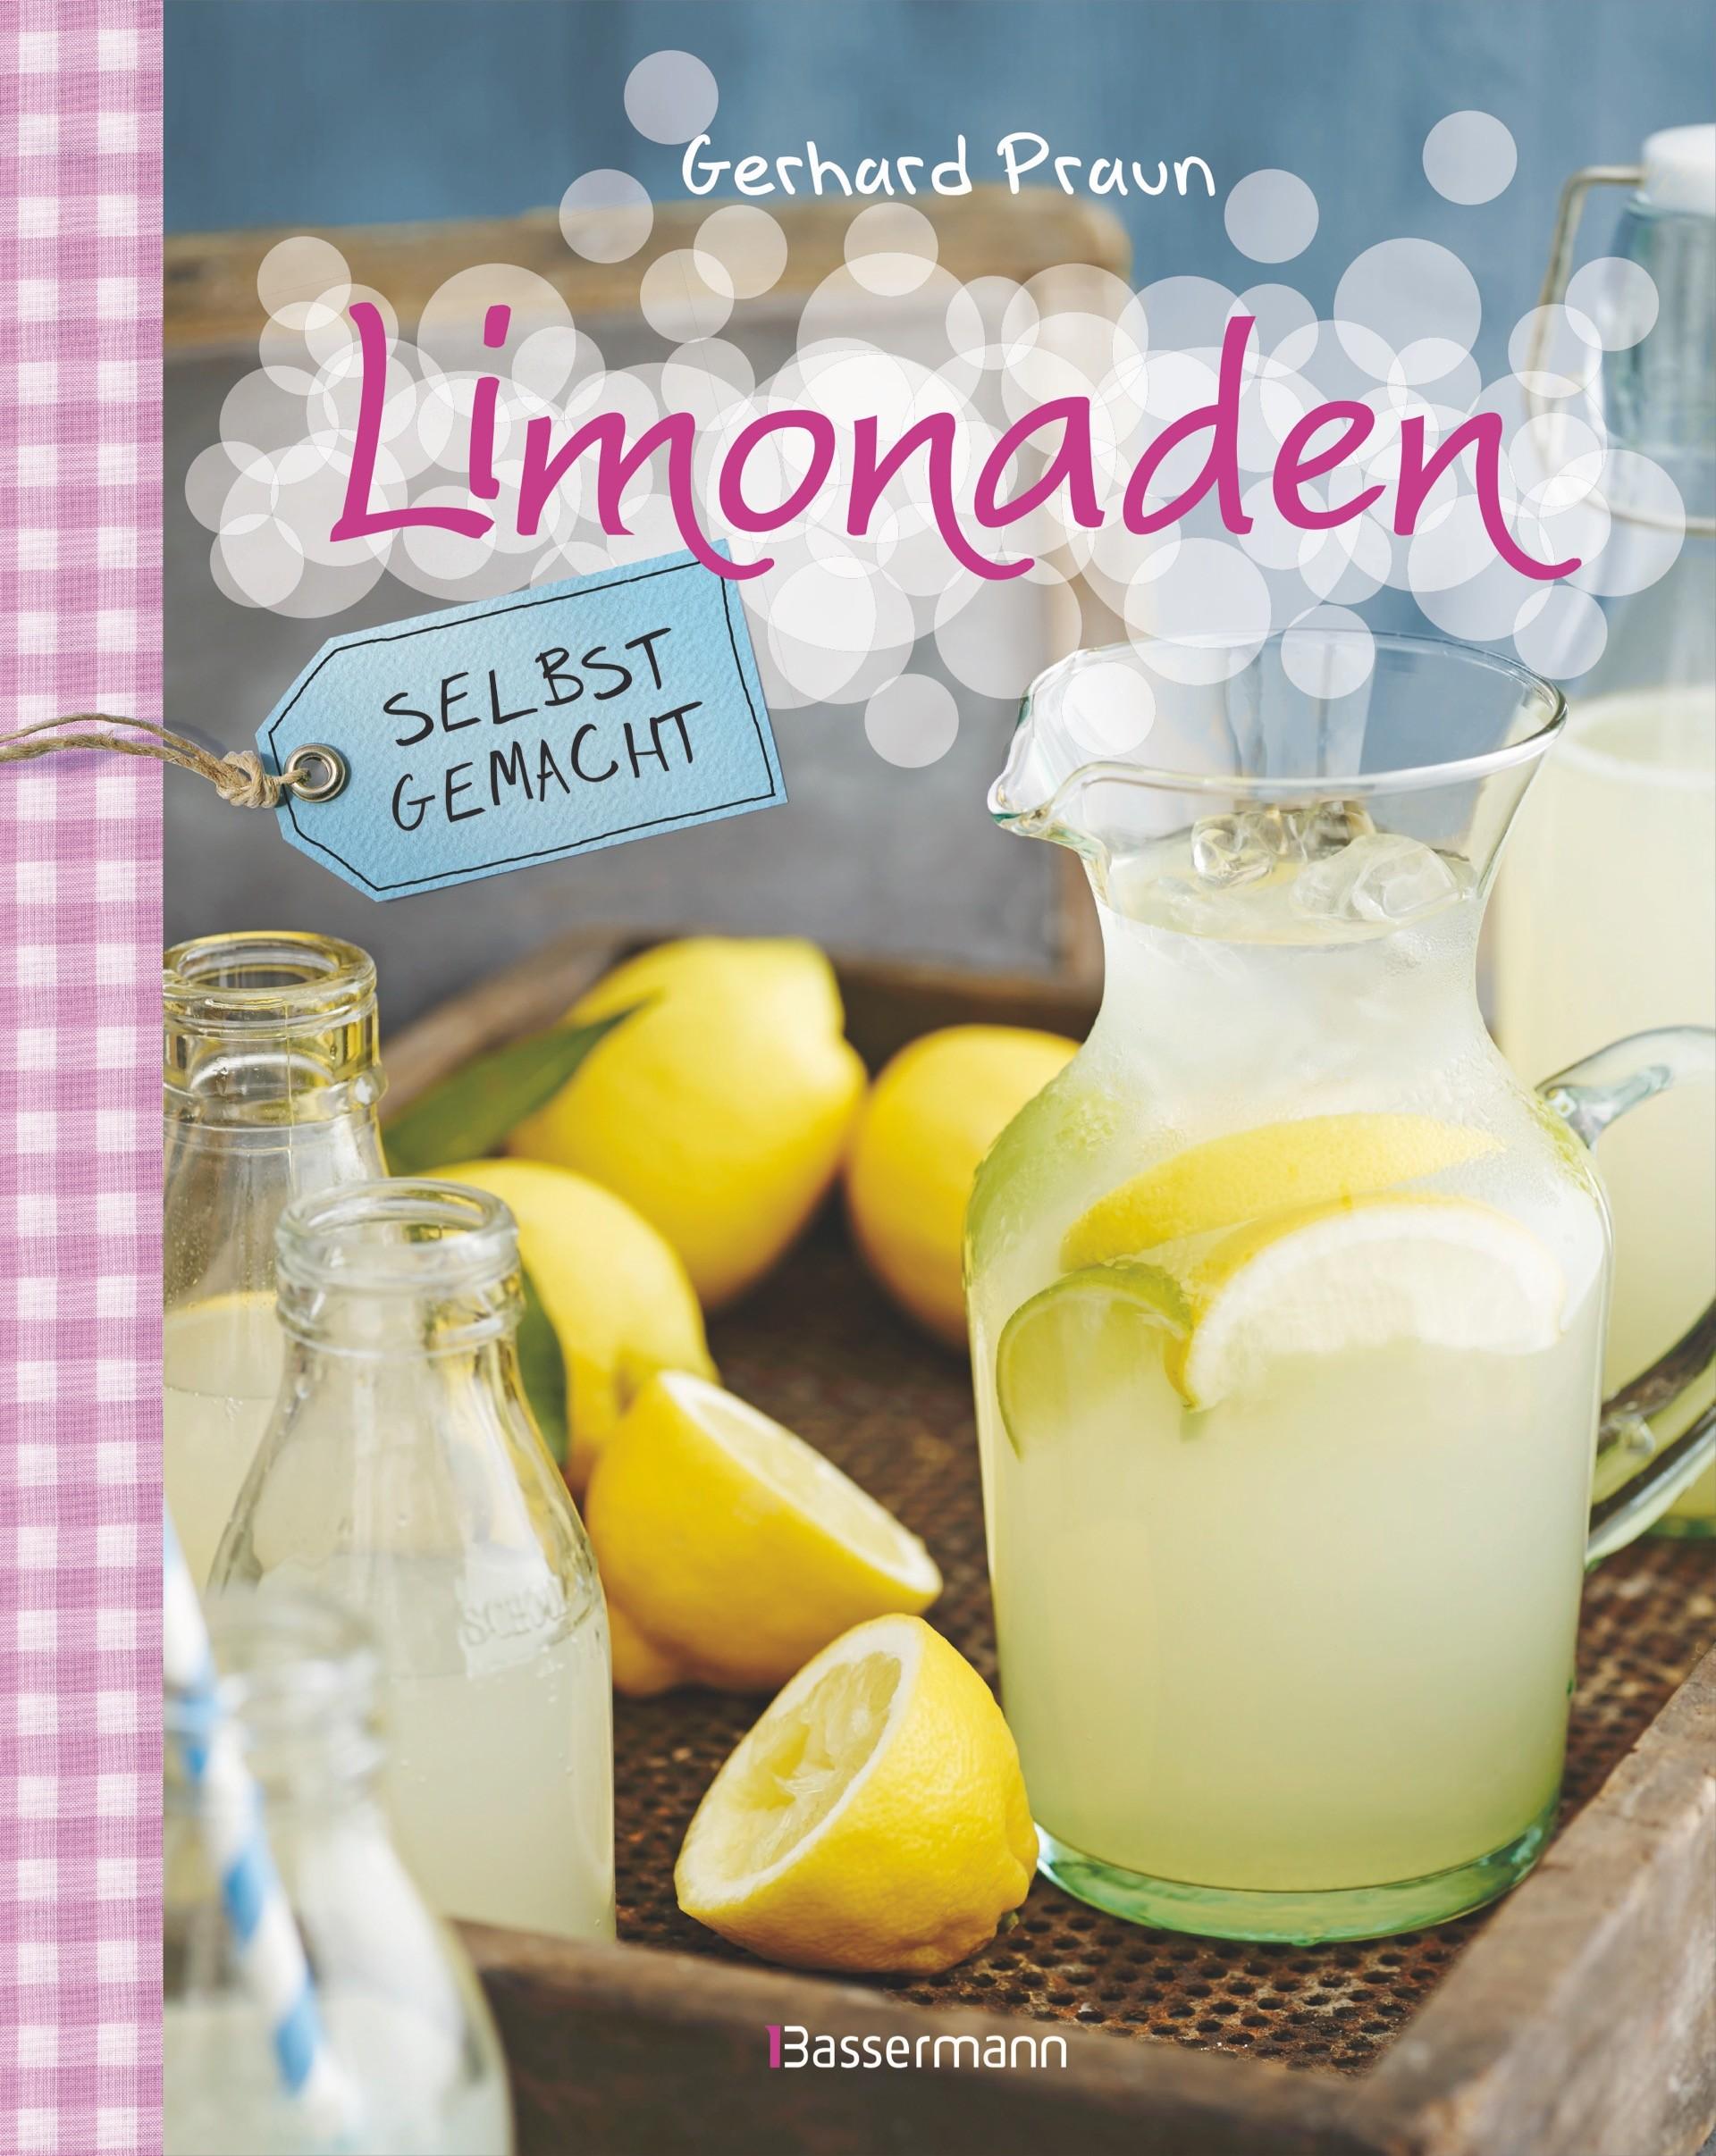 Limonaden selbst gemacht von Gerhard Praun